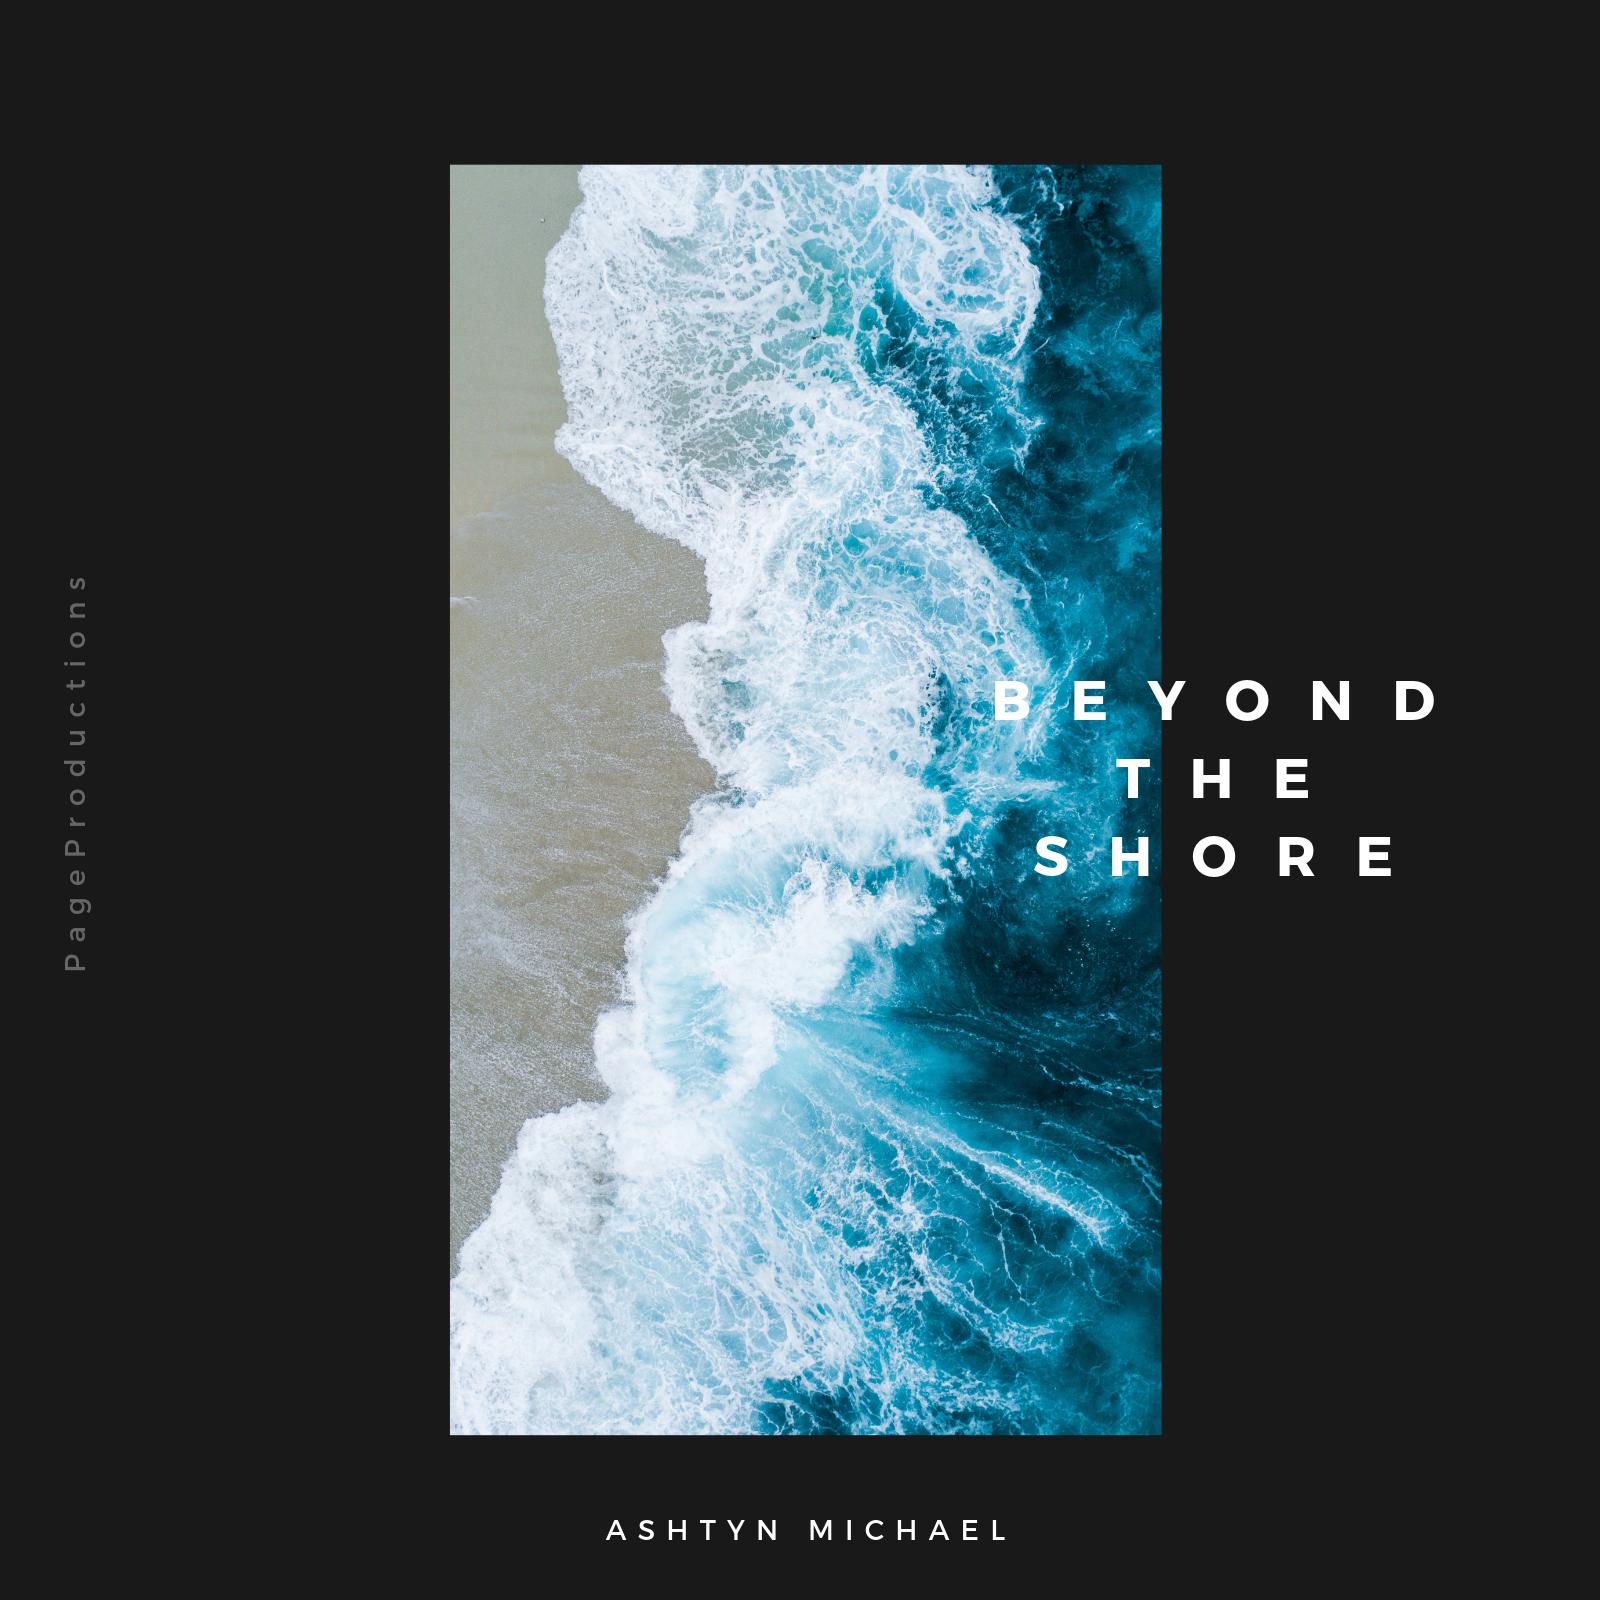 ARTIST Design - Album covers, singles, promotional materials